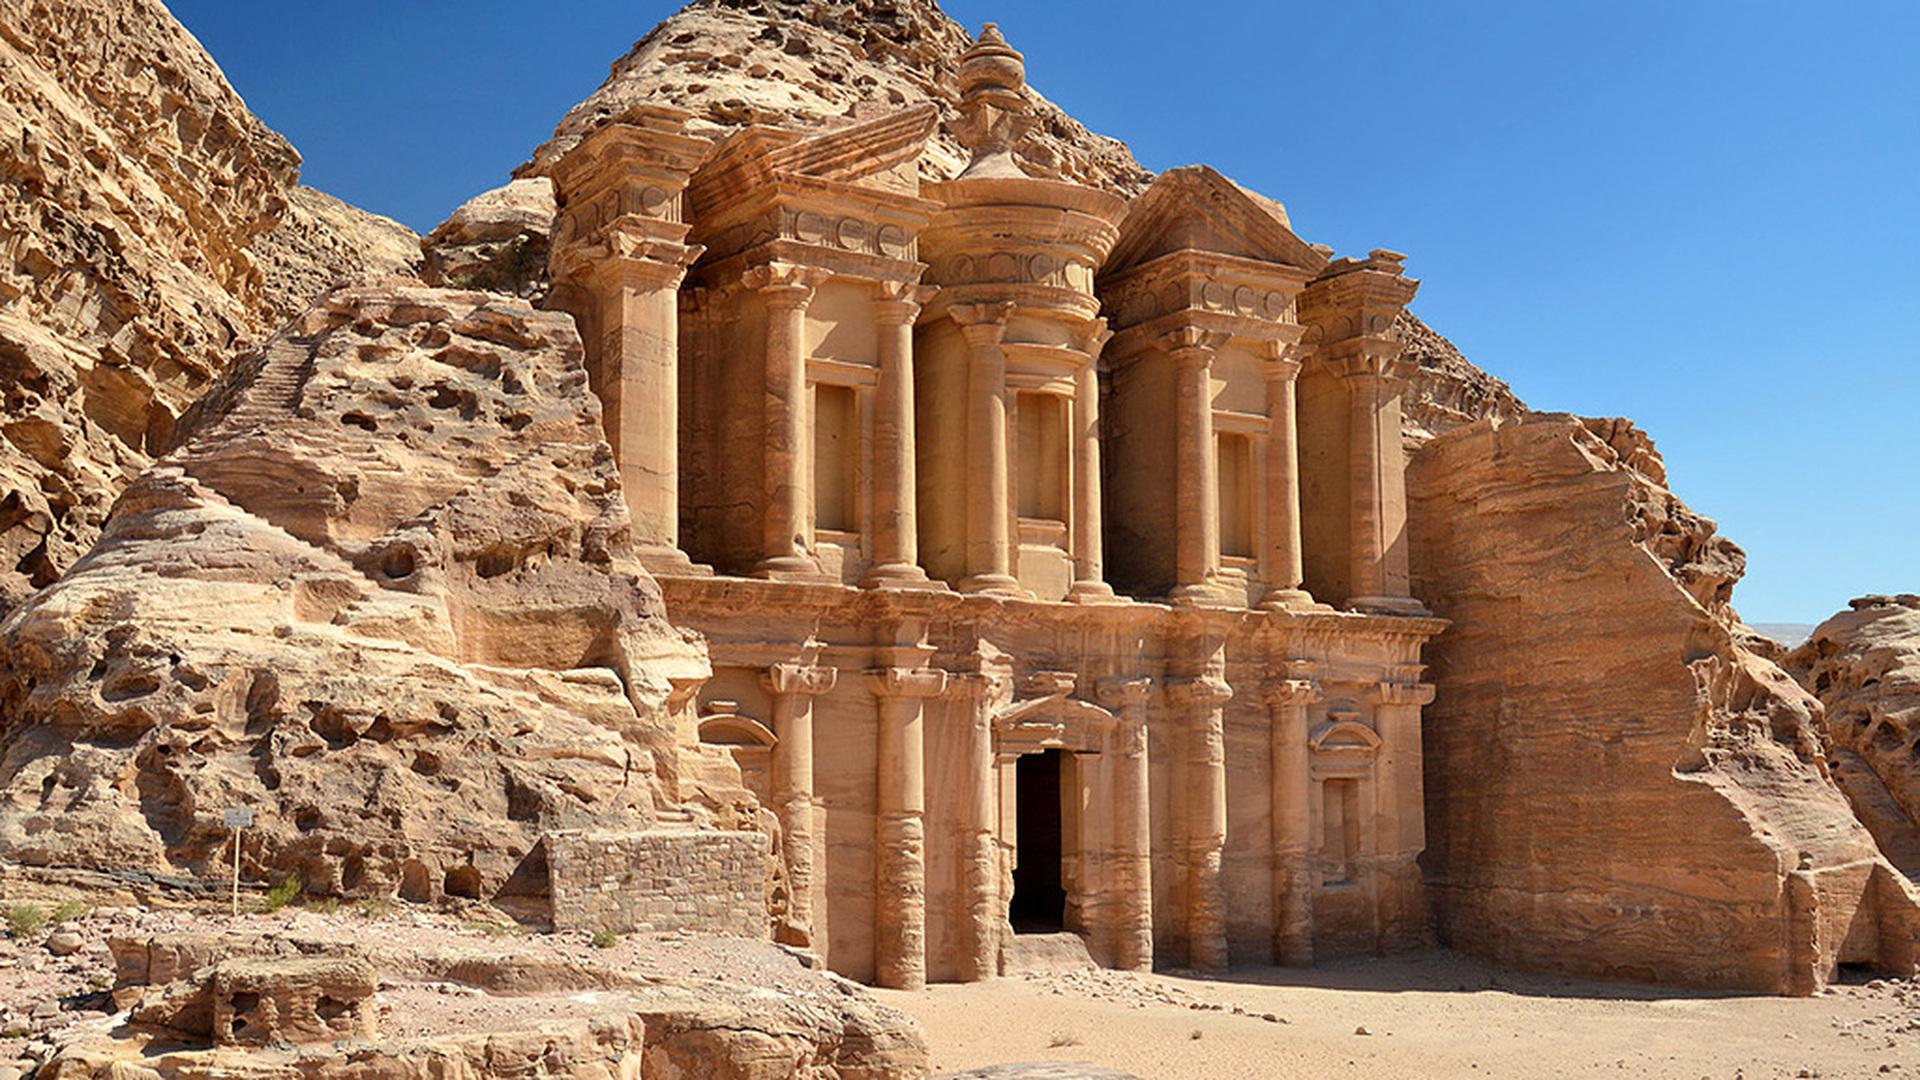 После того, как 2300-летний «потерянный город» в Иордании сыграл эпизодическую роль в 1989 году в Индиане-Джонсе и последнем крестовом походе, туризм взорвался от нескольких тысяч посетителей в год до более полумиллиона сегодня